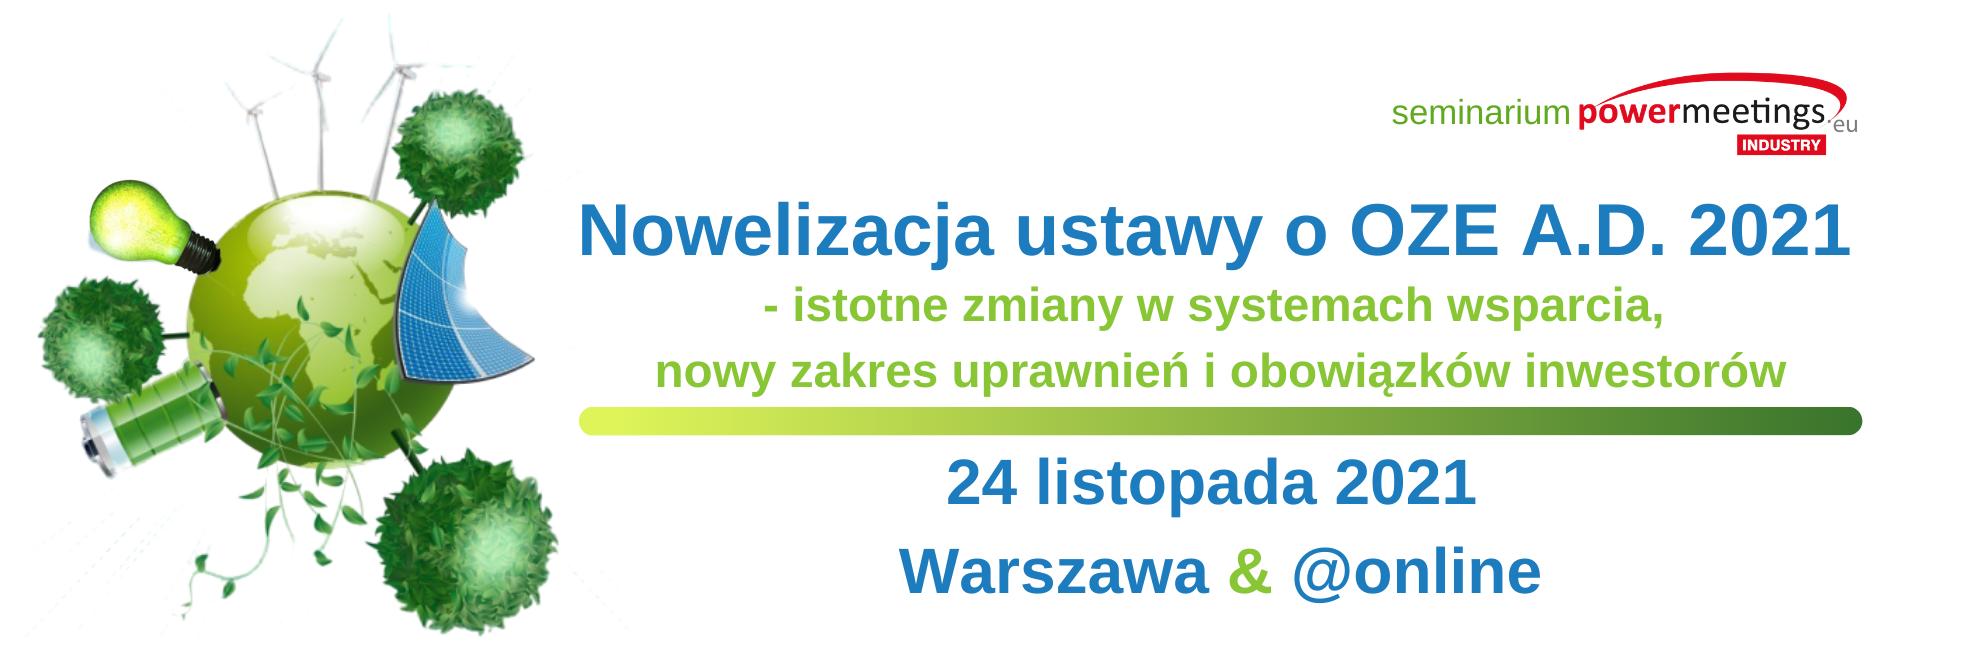 Nowelizacja ustawy o OZE A.D. 2021 wrzesień 2021